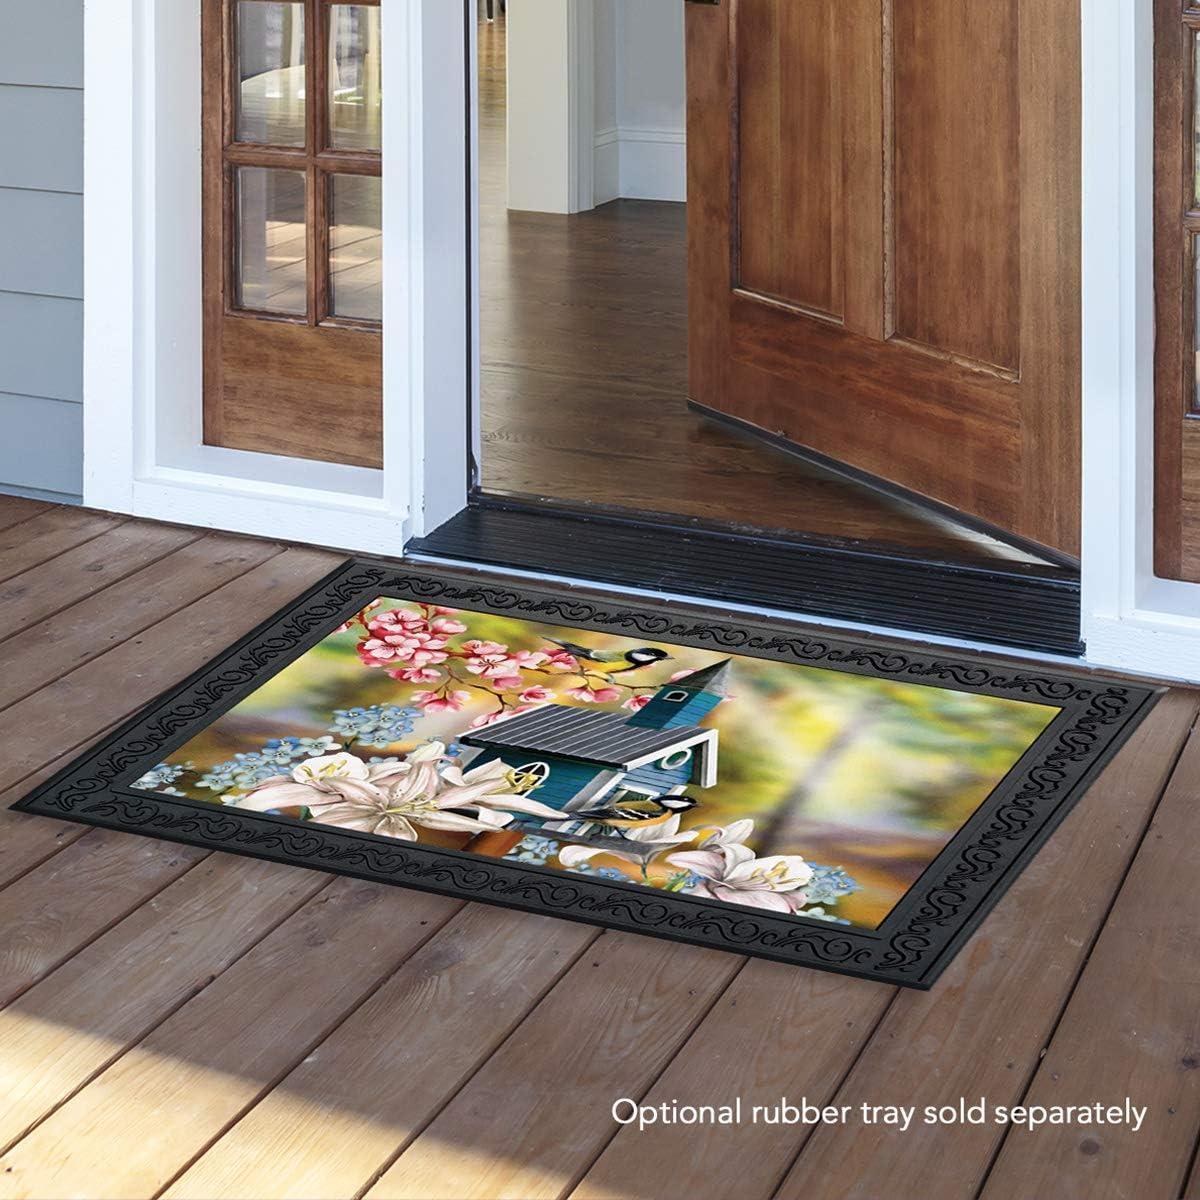 Briarwood Lane Peaceful Birdhouse Spring Doormat Floral Indoor Outdoor 18 x 30